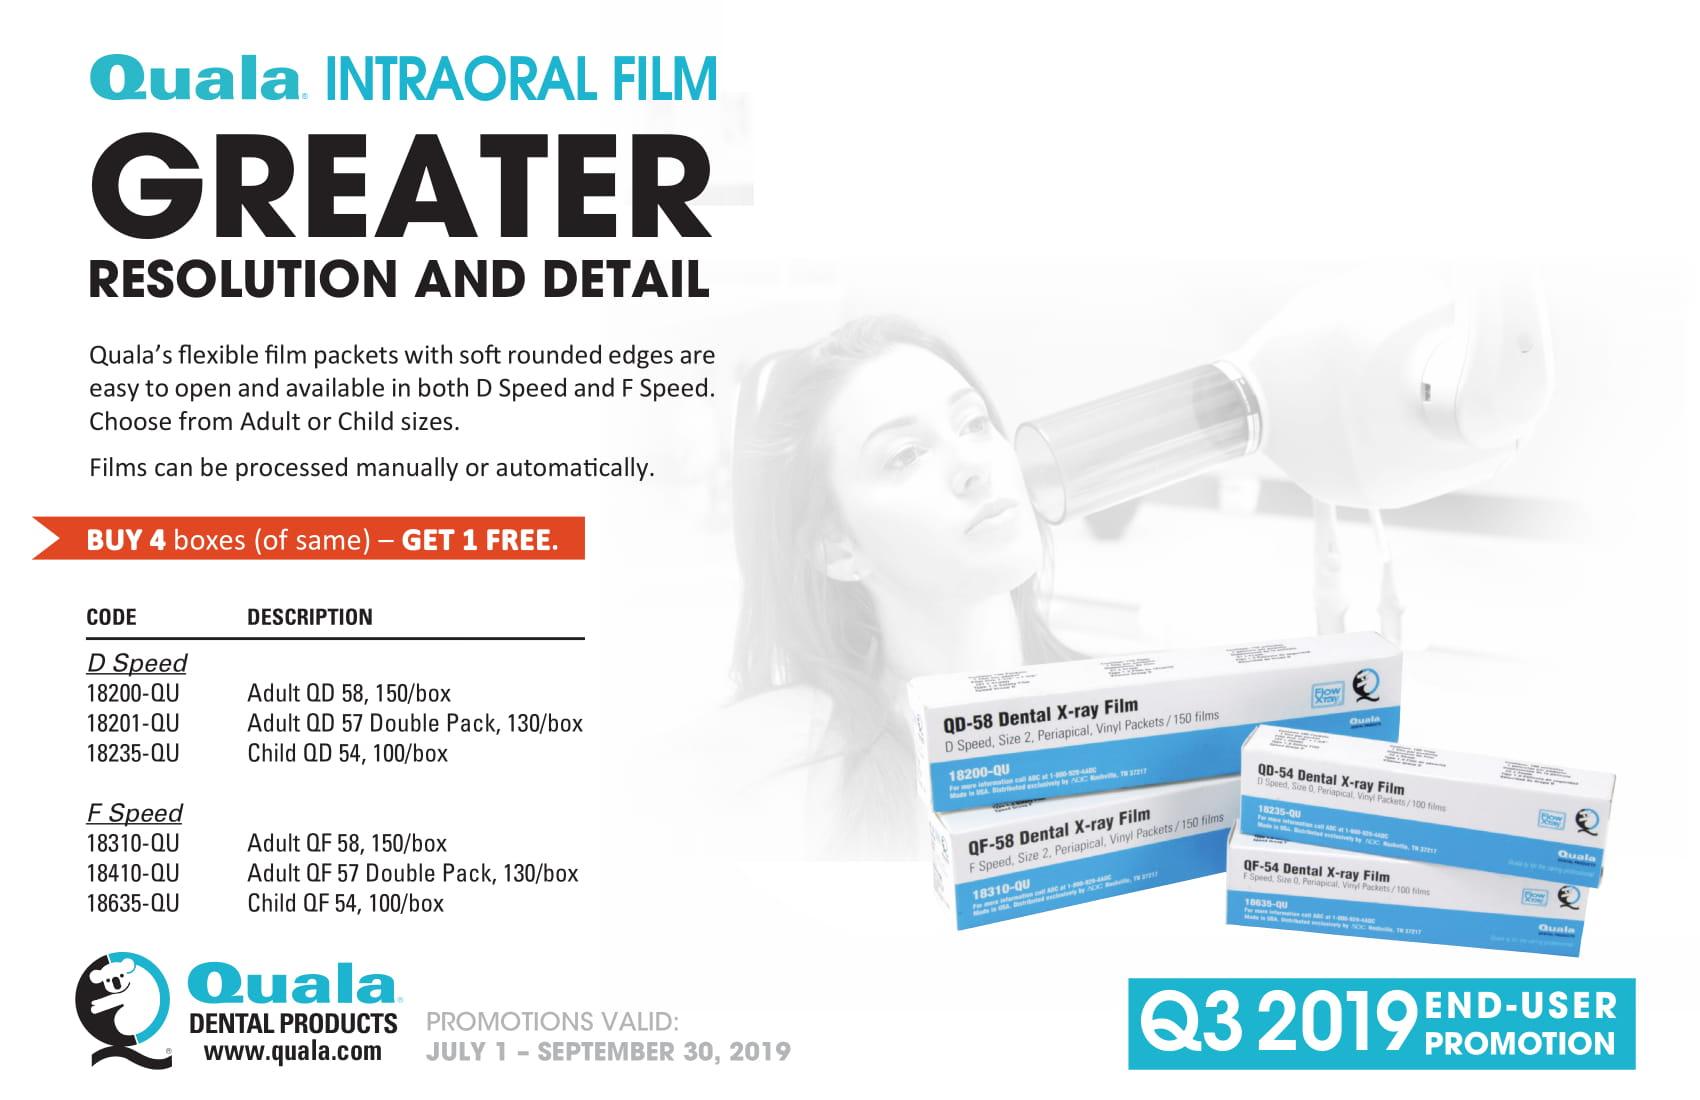 Q3 QUALA FILM (CUSTOMER)-1.jpg